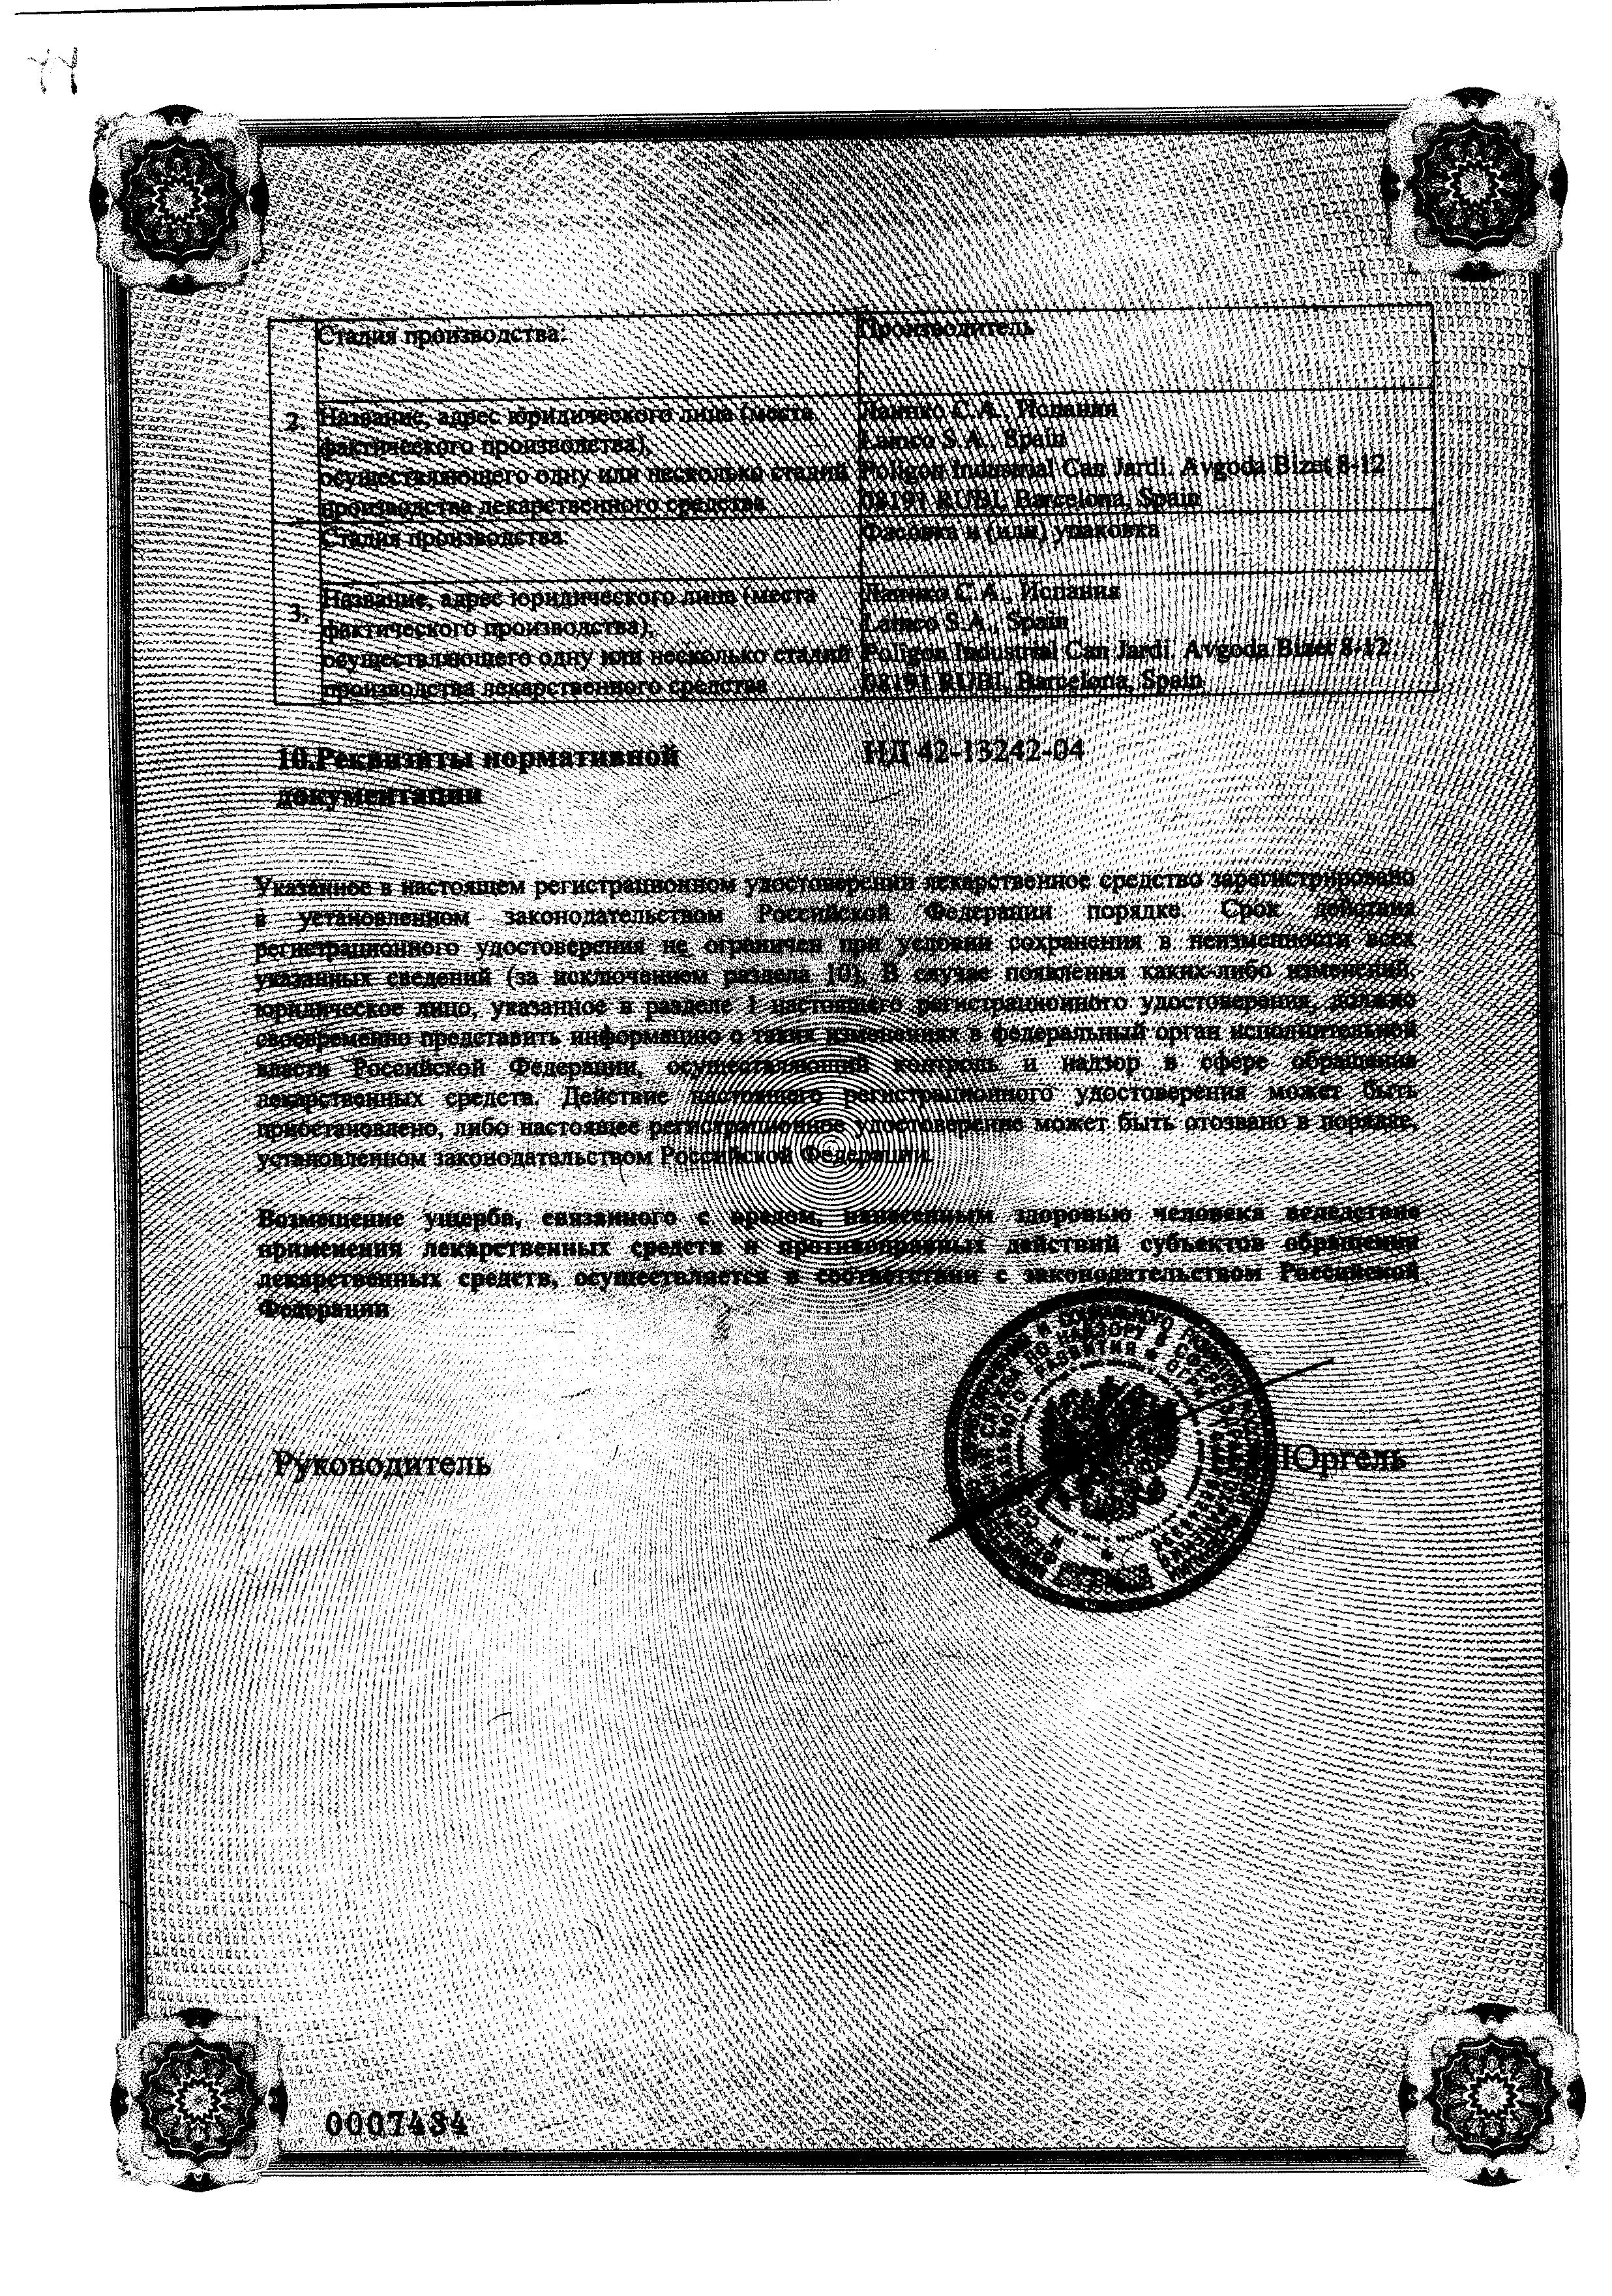 Ультра-адсорб сертификат